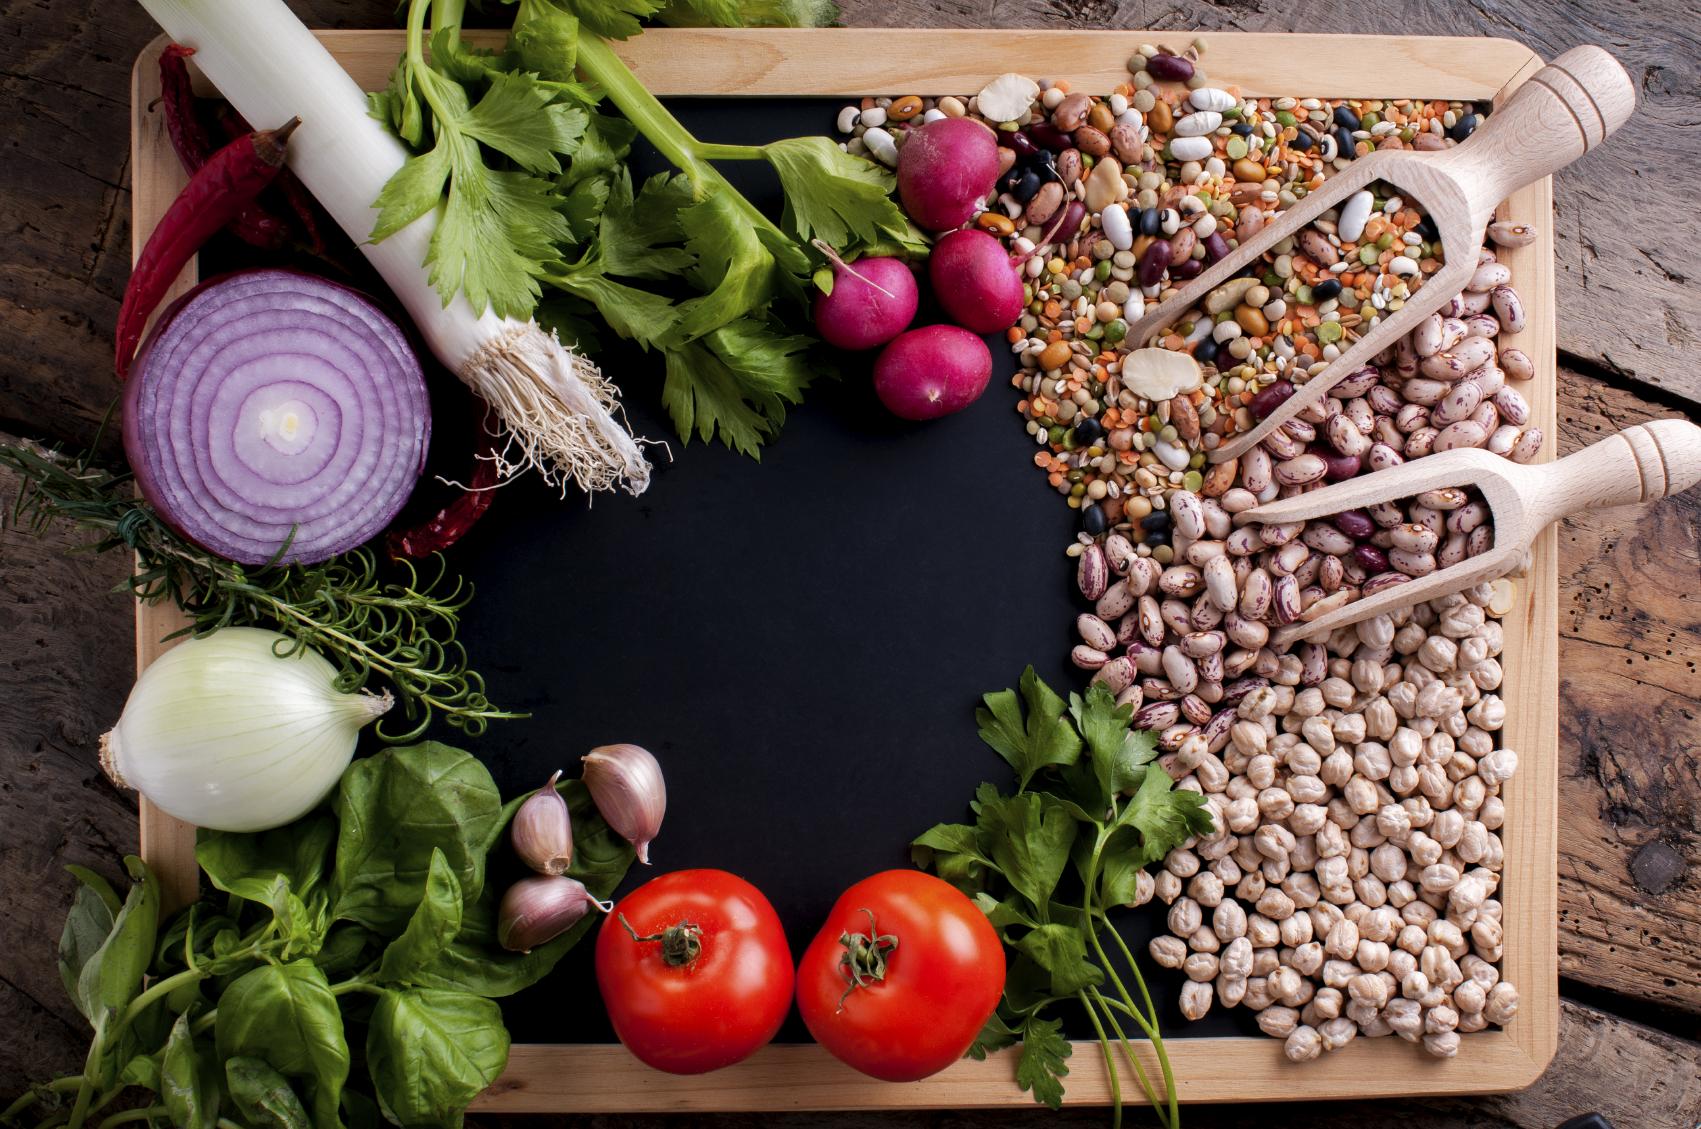 Mediterranean diet less pprocessed foods and less sugar Fid-dieta Mediterranja trid tnaqqas l-ikel ipproċessat u z-zokkor